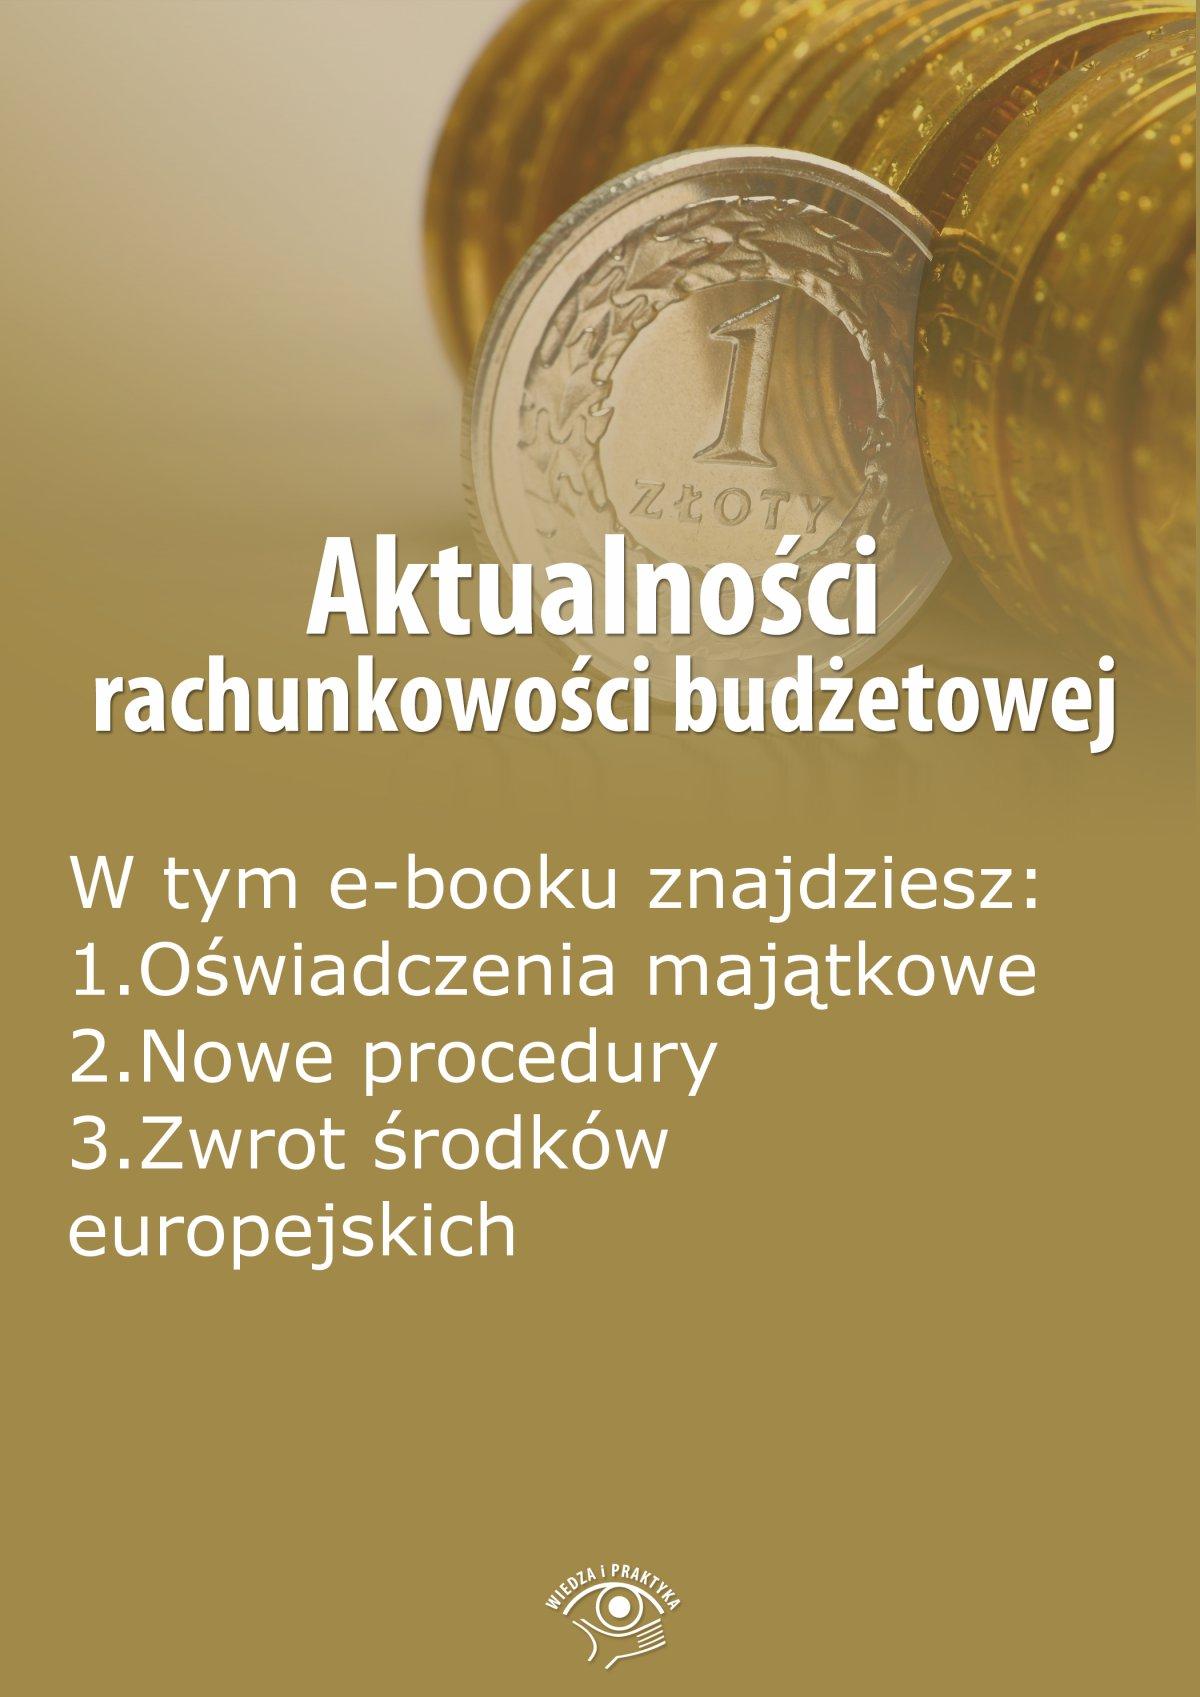 Aktualności rachunkowości budżetowej, wydanie październik 2014 r. - Ebook (Książka EPUB) do pobrania w formacie EPUB